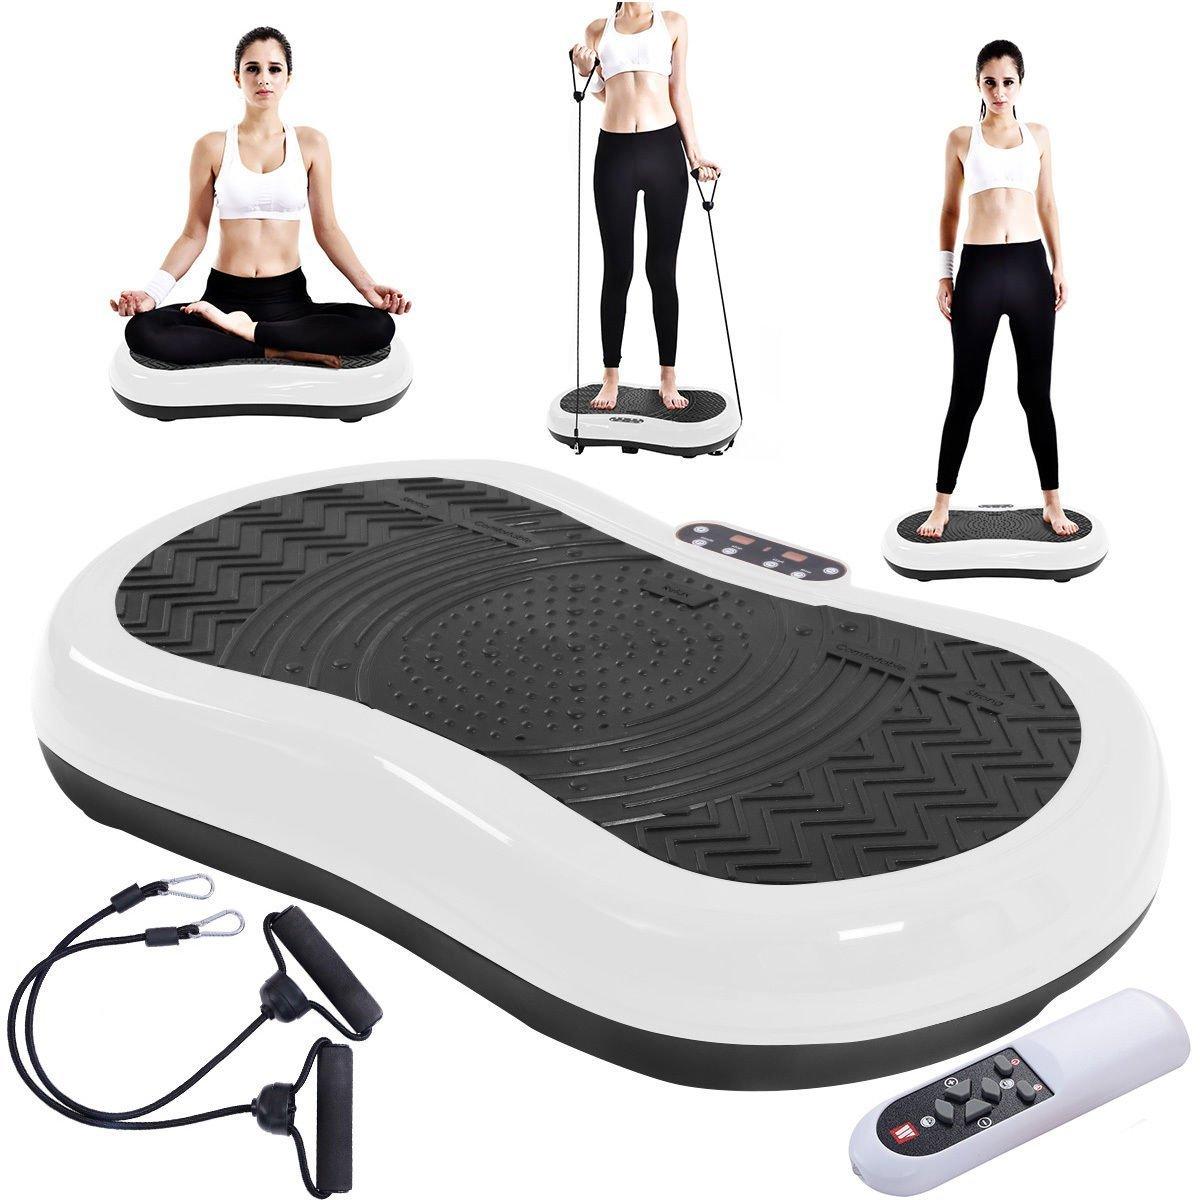 Tangkula Ultrathin Mini Crazy Fit Vibration Platform Massage Machine Fitness Gym (White) by Tangkula (Image #3)